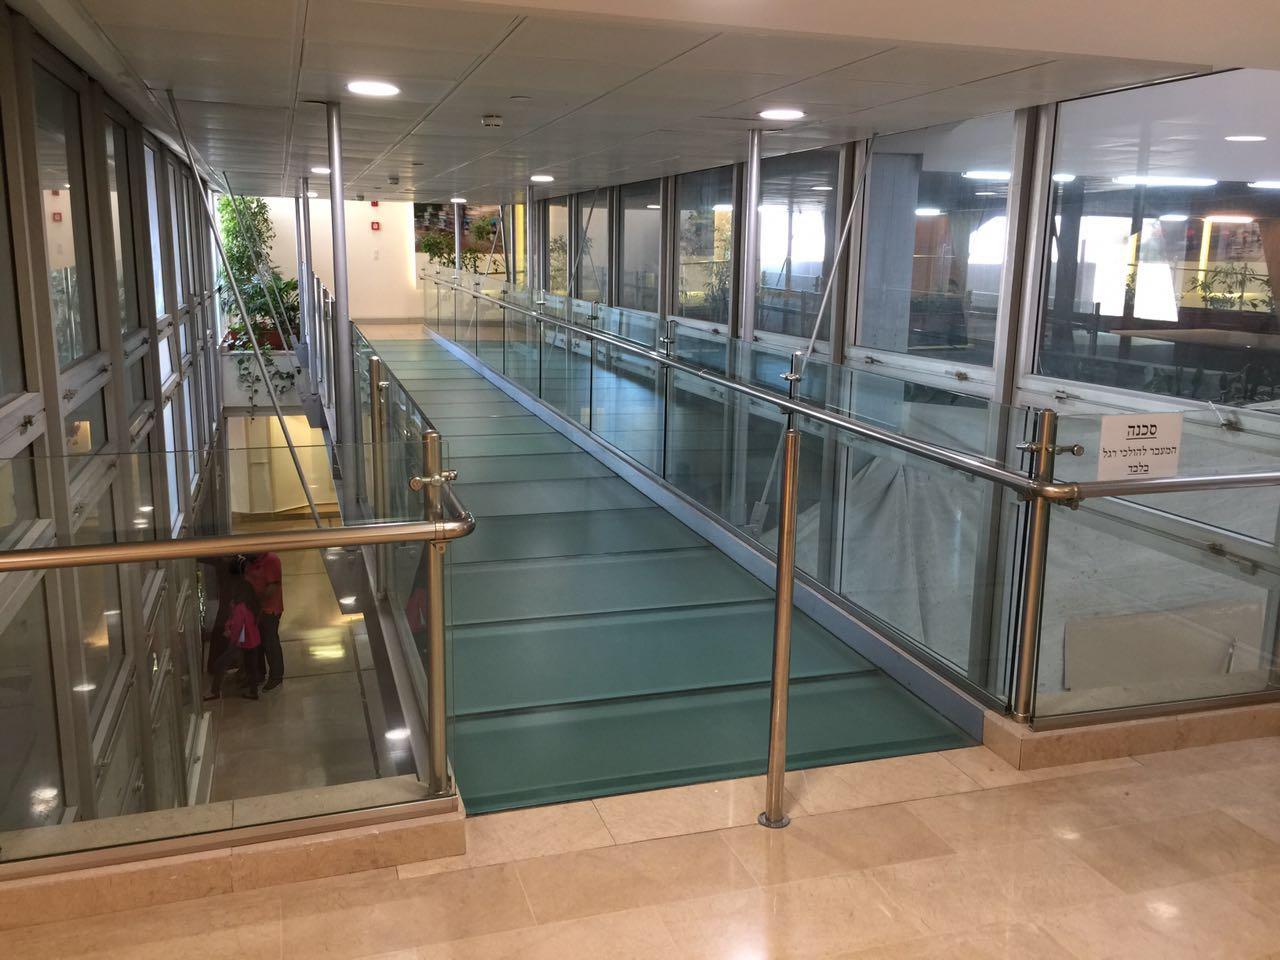 בית חולים תל השומר, בניין האשפוז המרכזי